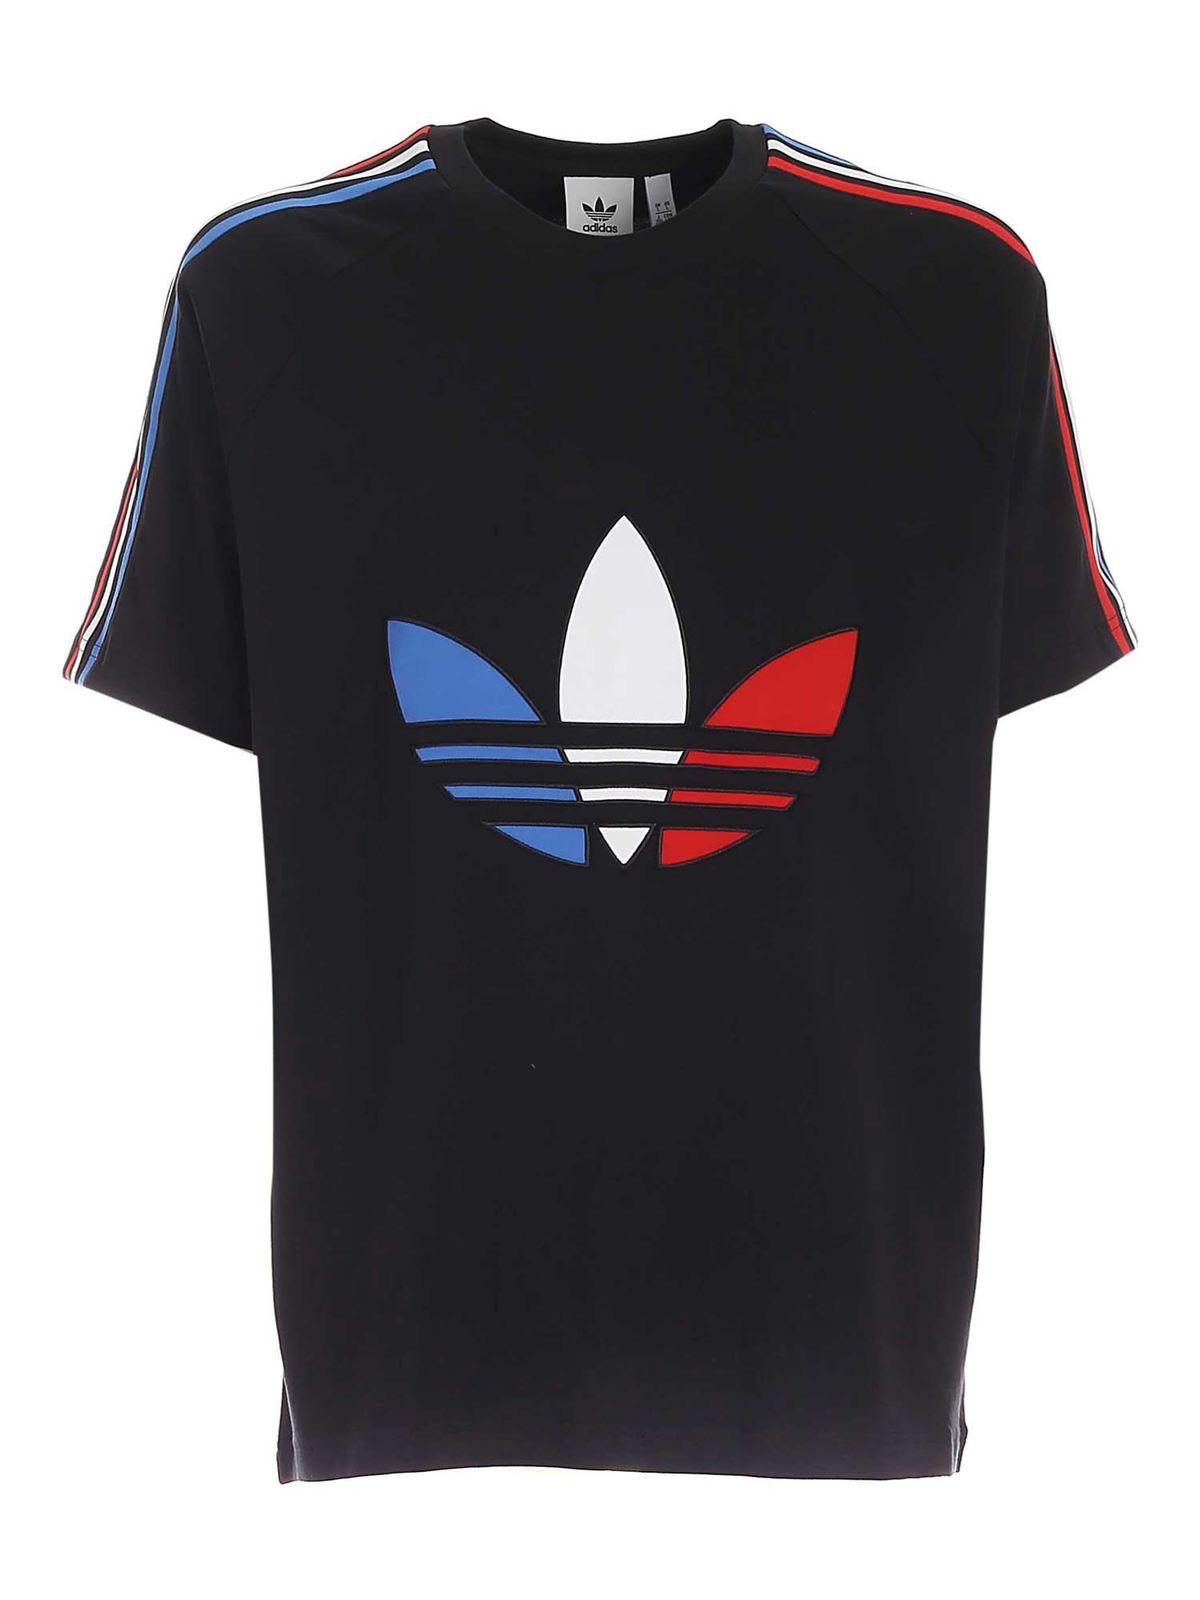 Adidas Originals Tricol T-shirt In Black